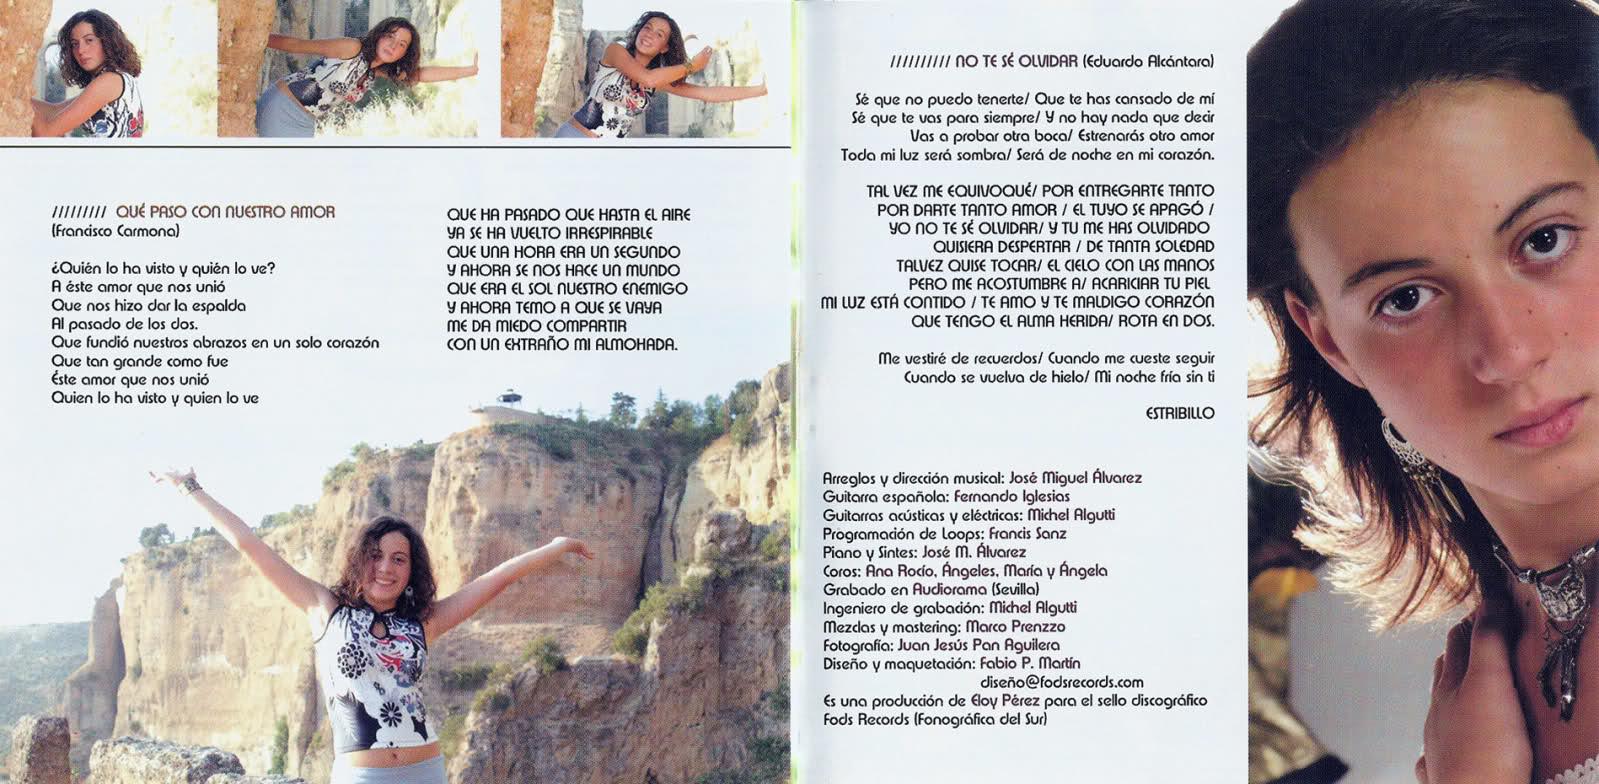 Maqueta >> 'Entre Sueños' Zuh40g